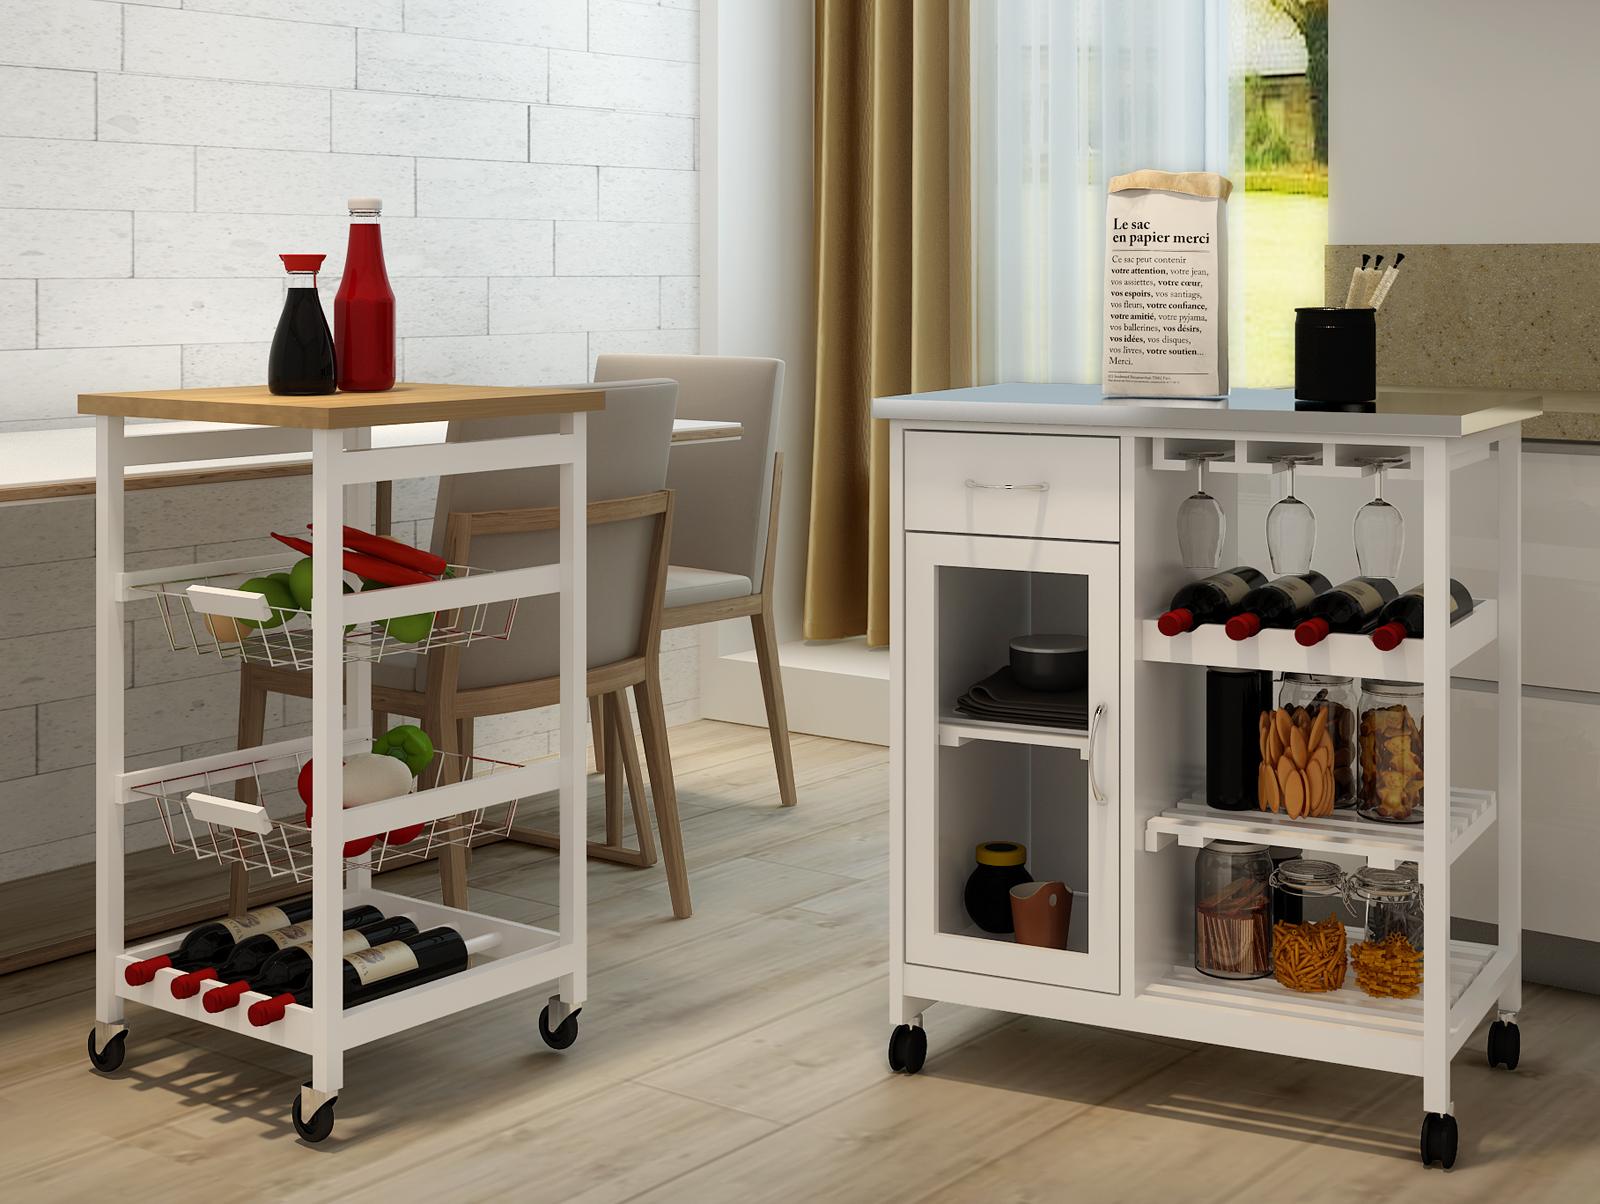 Charmant Küche Tee Geschenk Thema Ideen Zeitgenössisch - Ideen Für ...